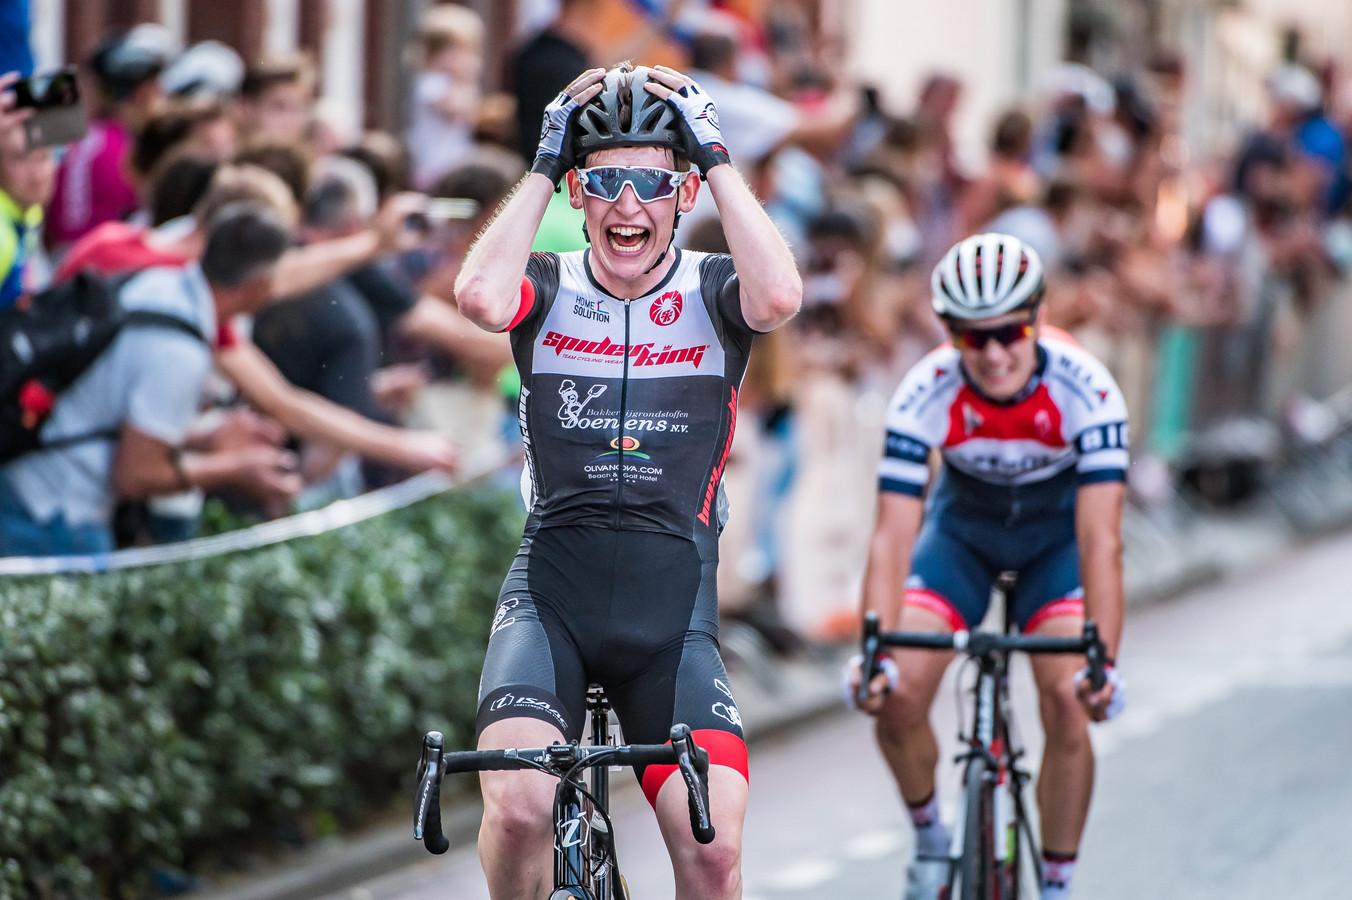 Een geëmotioneerde Axel van der Tuuk klopt Hidde van Veenendaal in de sprint om de nationale juniorentitel.